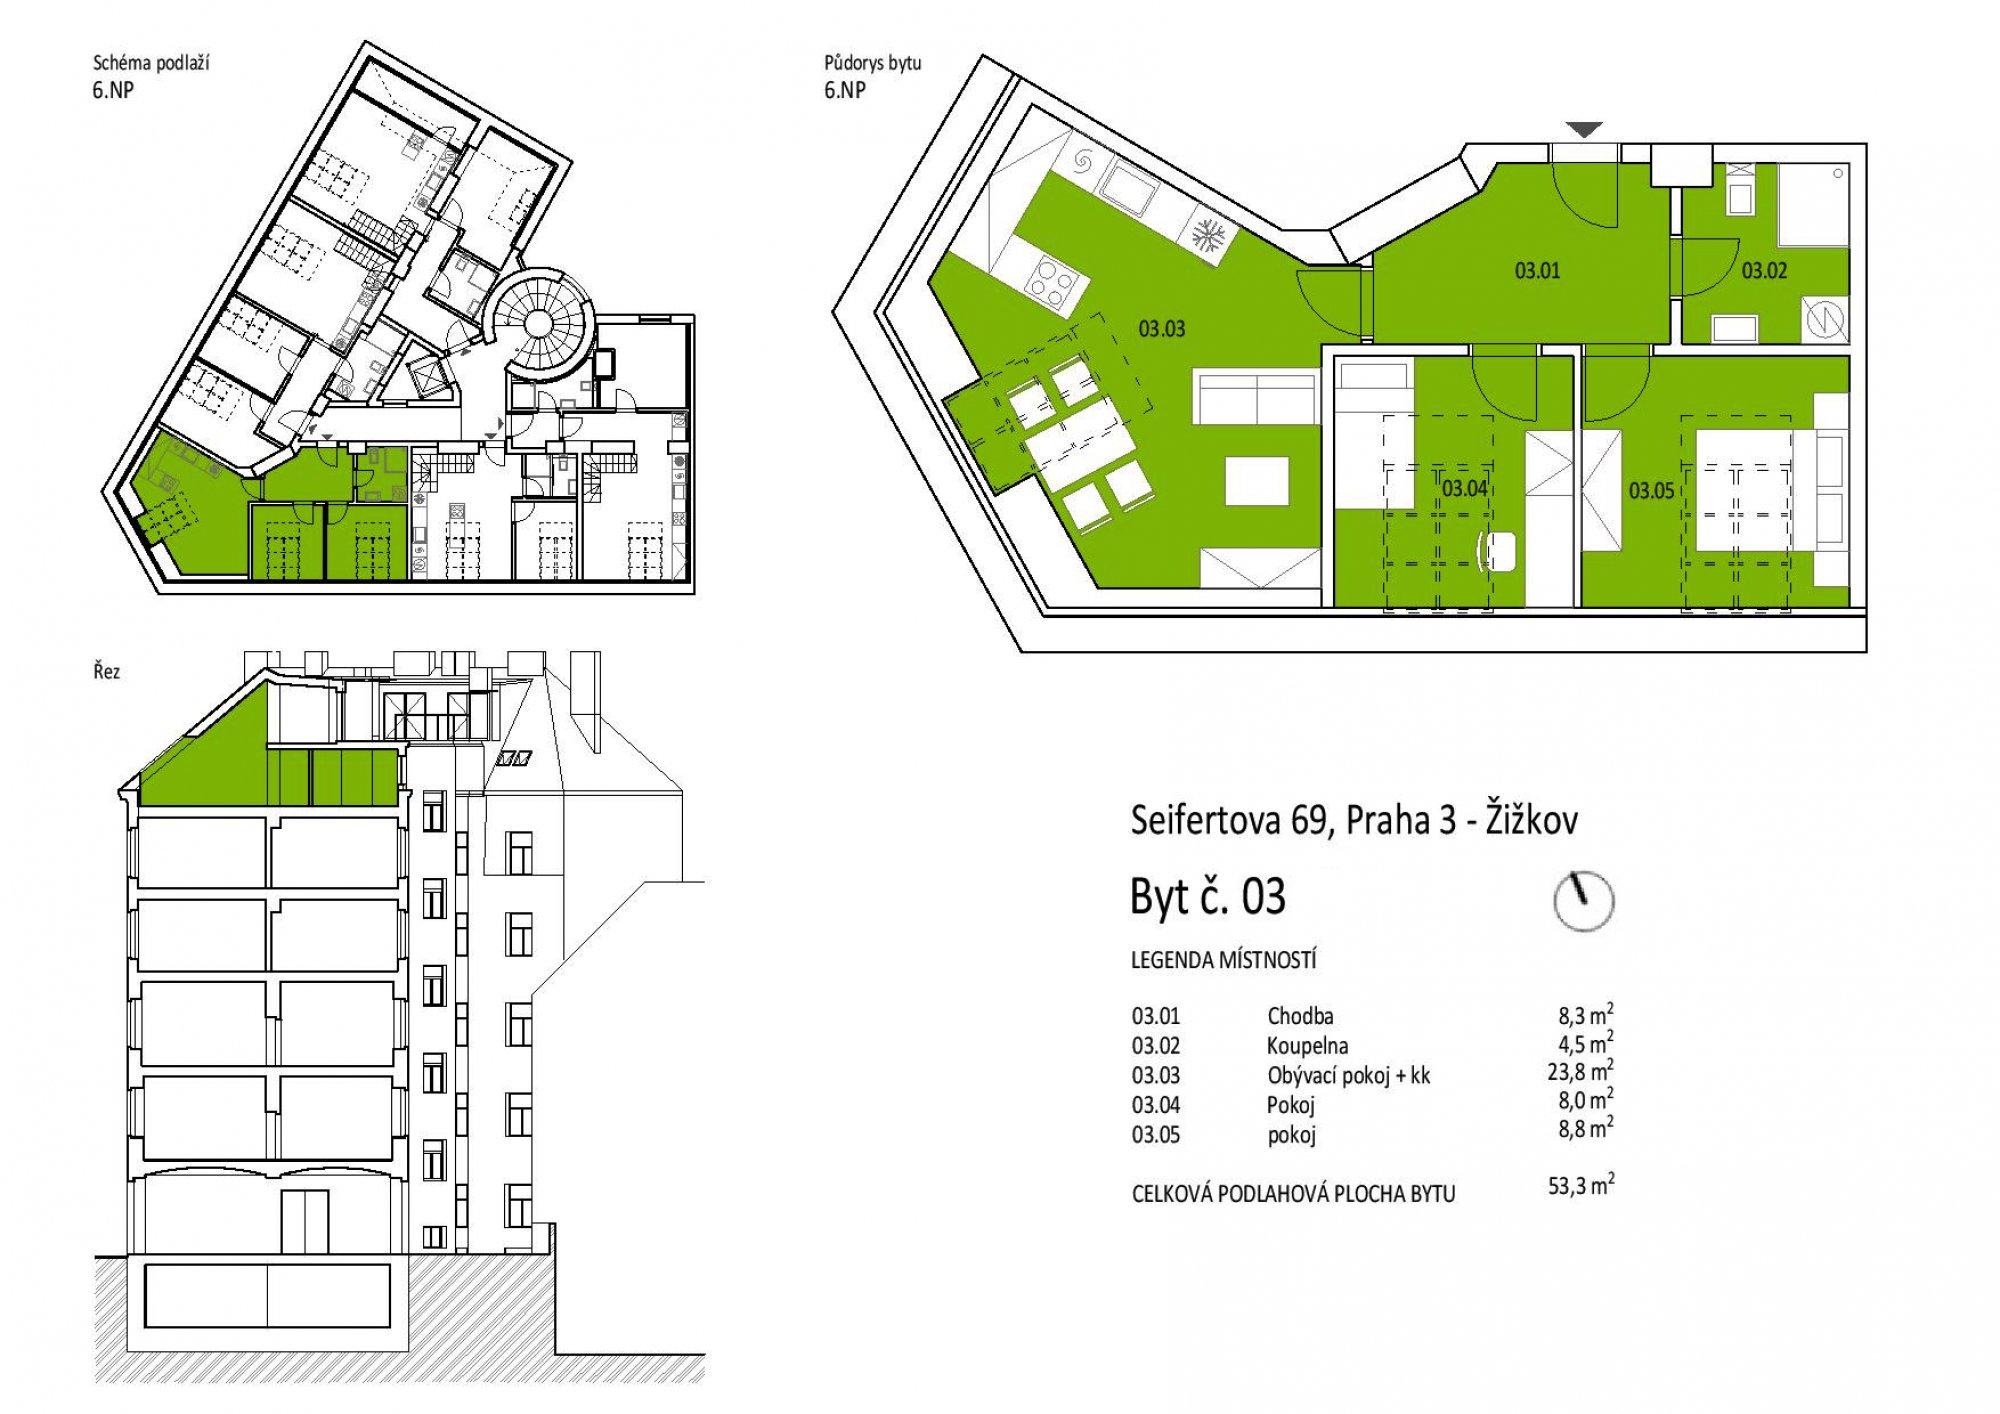 Půdní byt 3+kk, plocha 53 m², Seifertova, Praha 3 - Žižkov